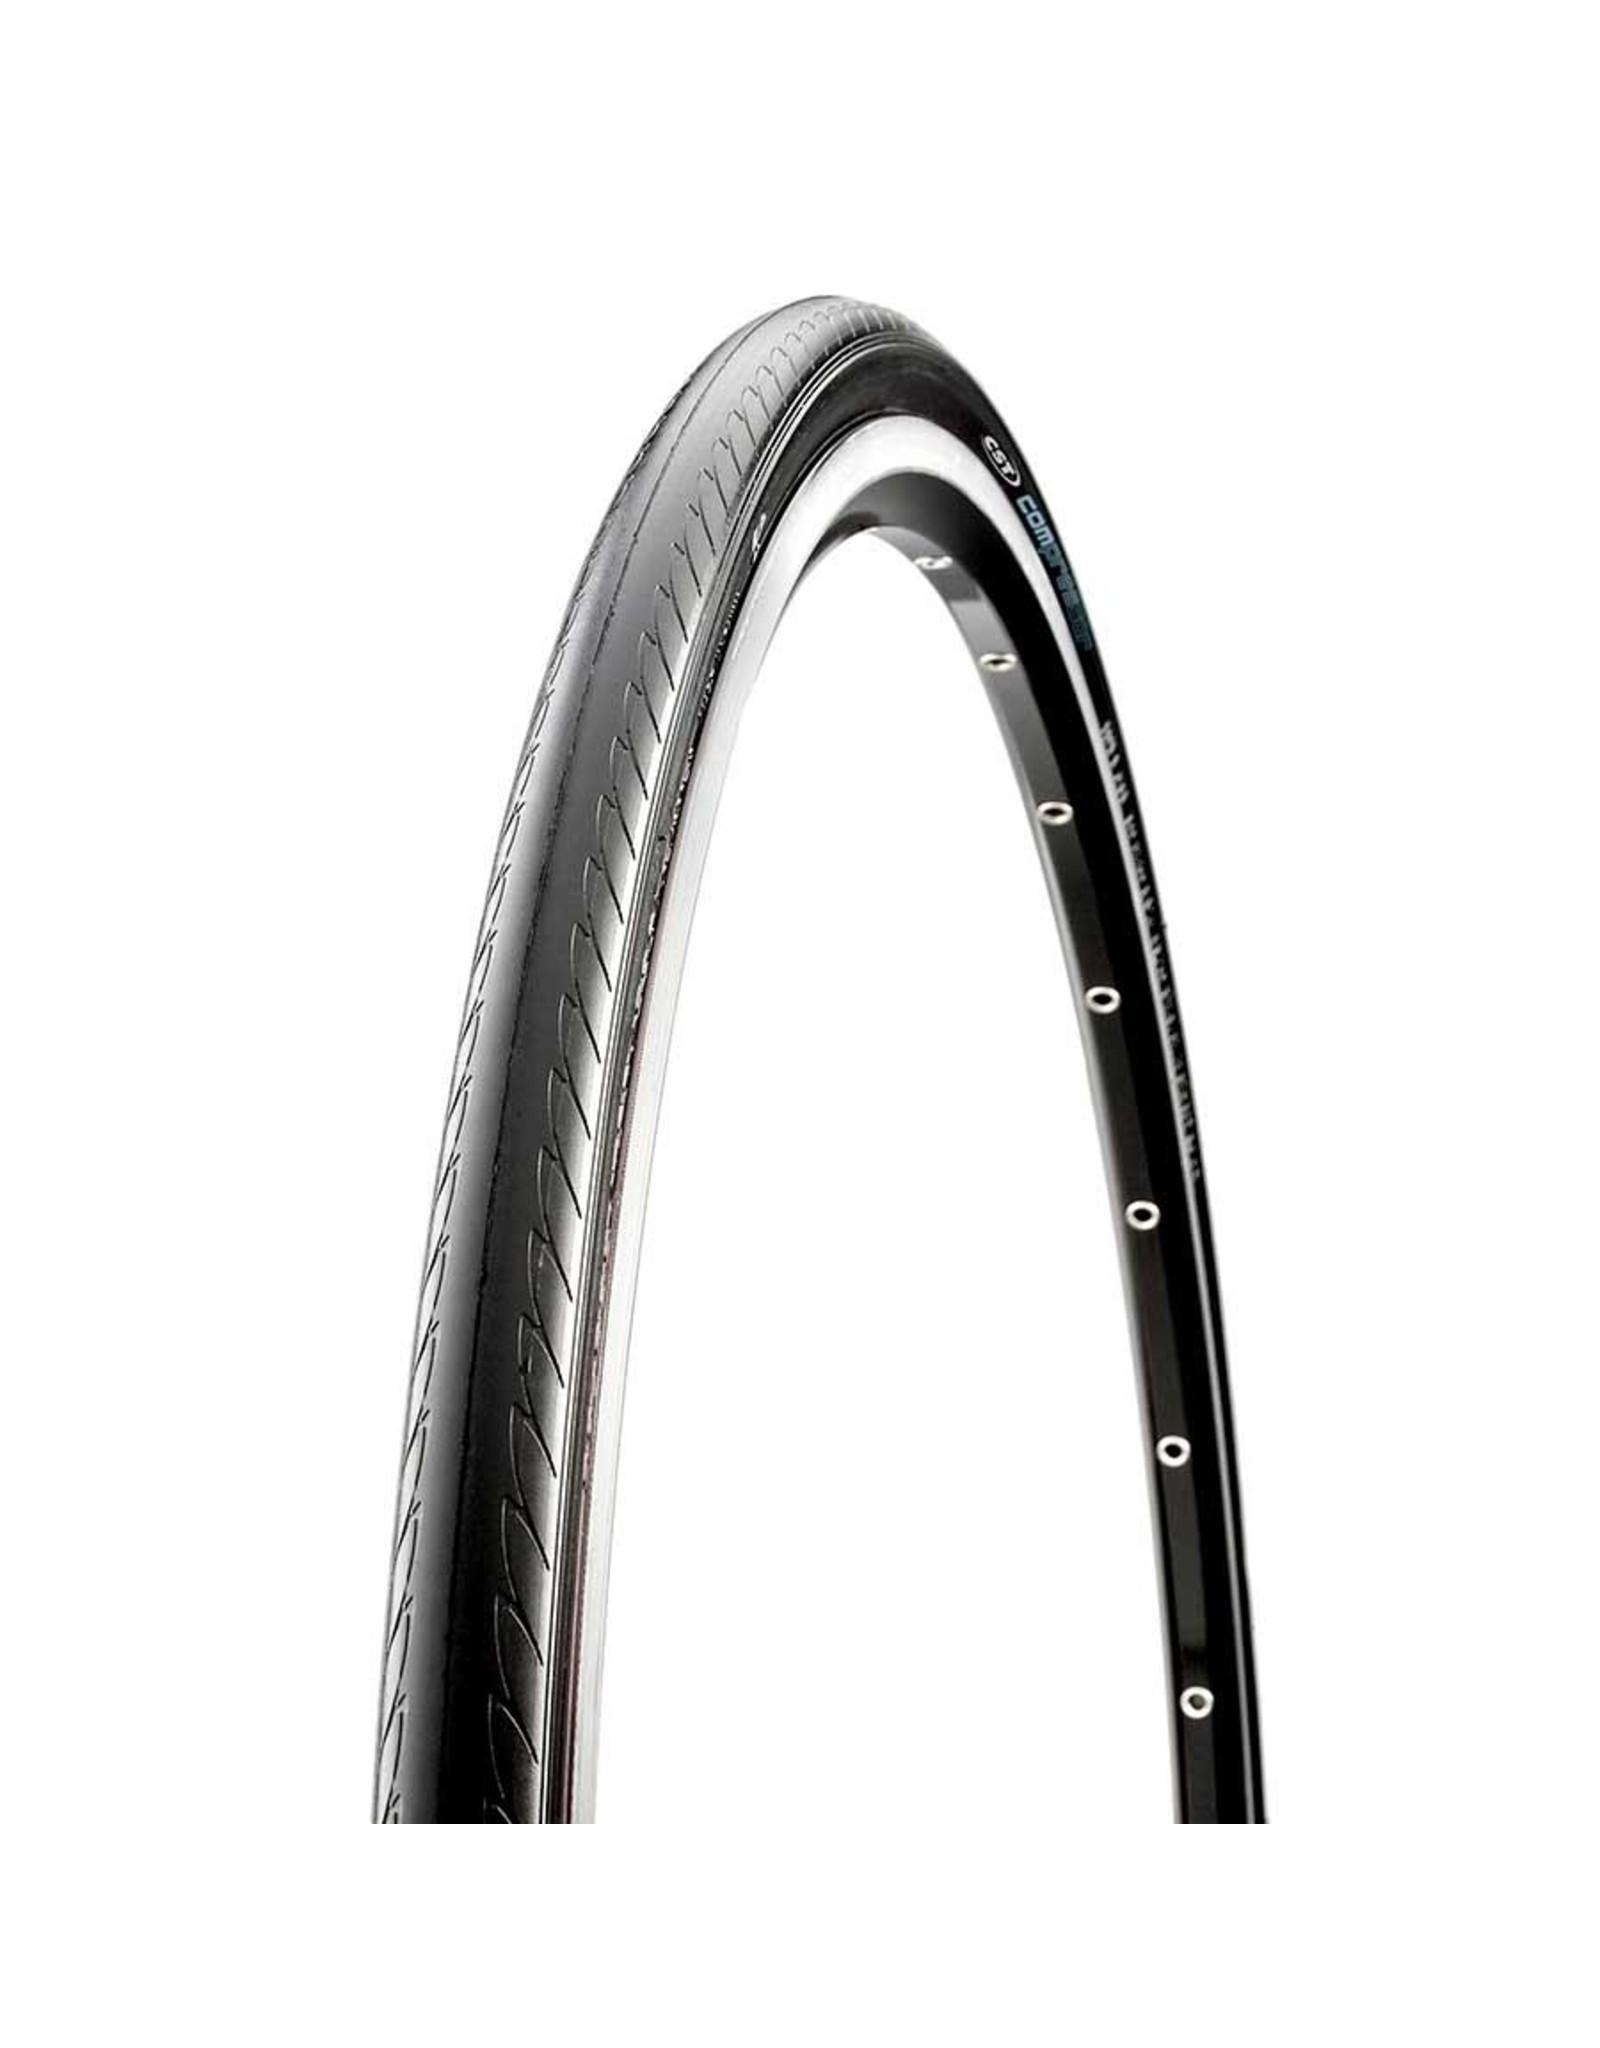 CST CST, C1390 (Compressor), Tire, 700x25C, Wire, Clincher, Single, 27TPI, Black